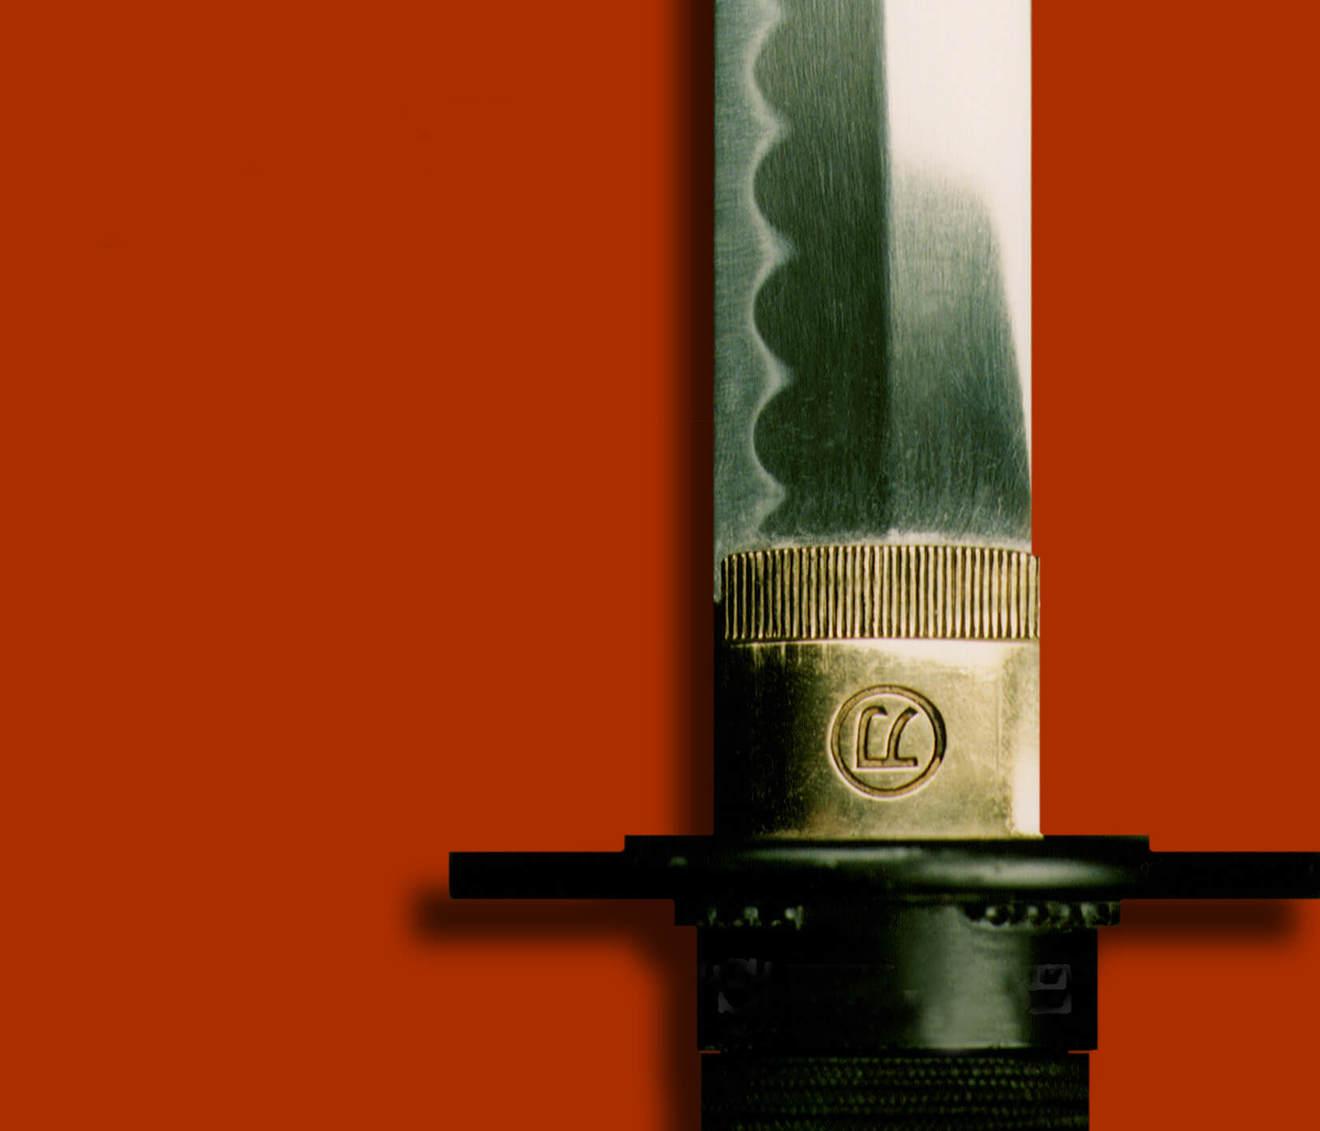 新撰組・斎藤一について深く知るための本5冊!最強と言われた男の謎に迫る